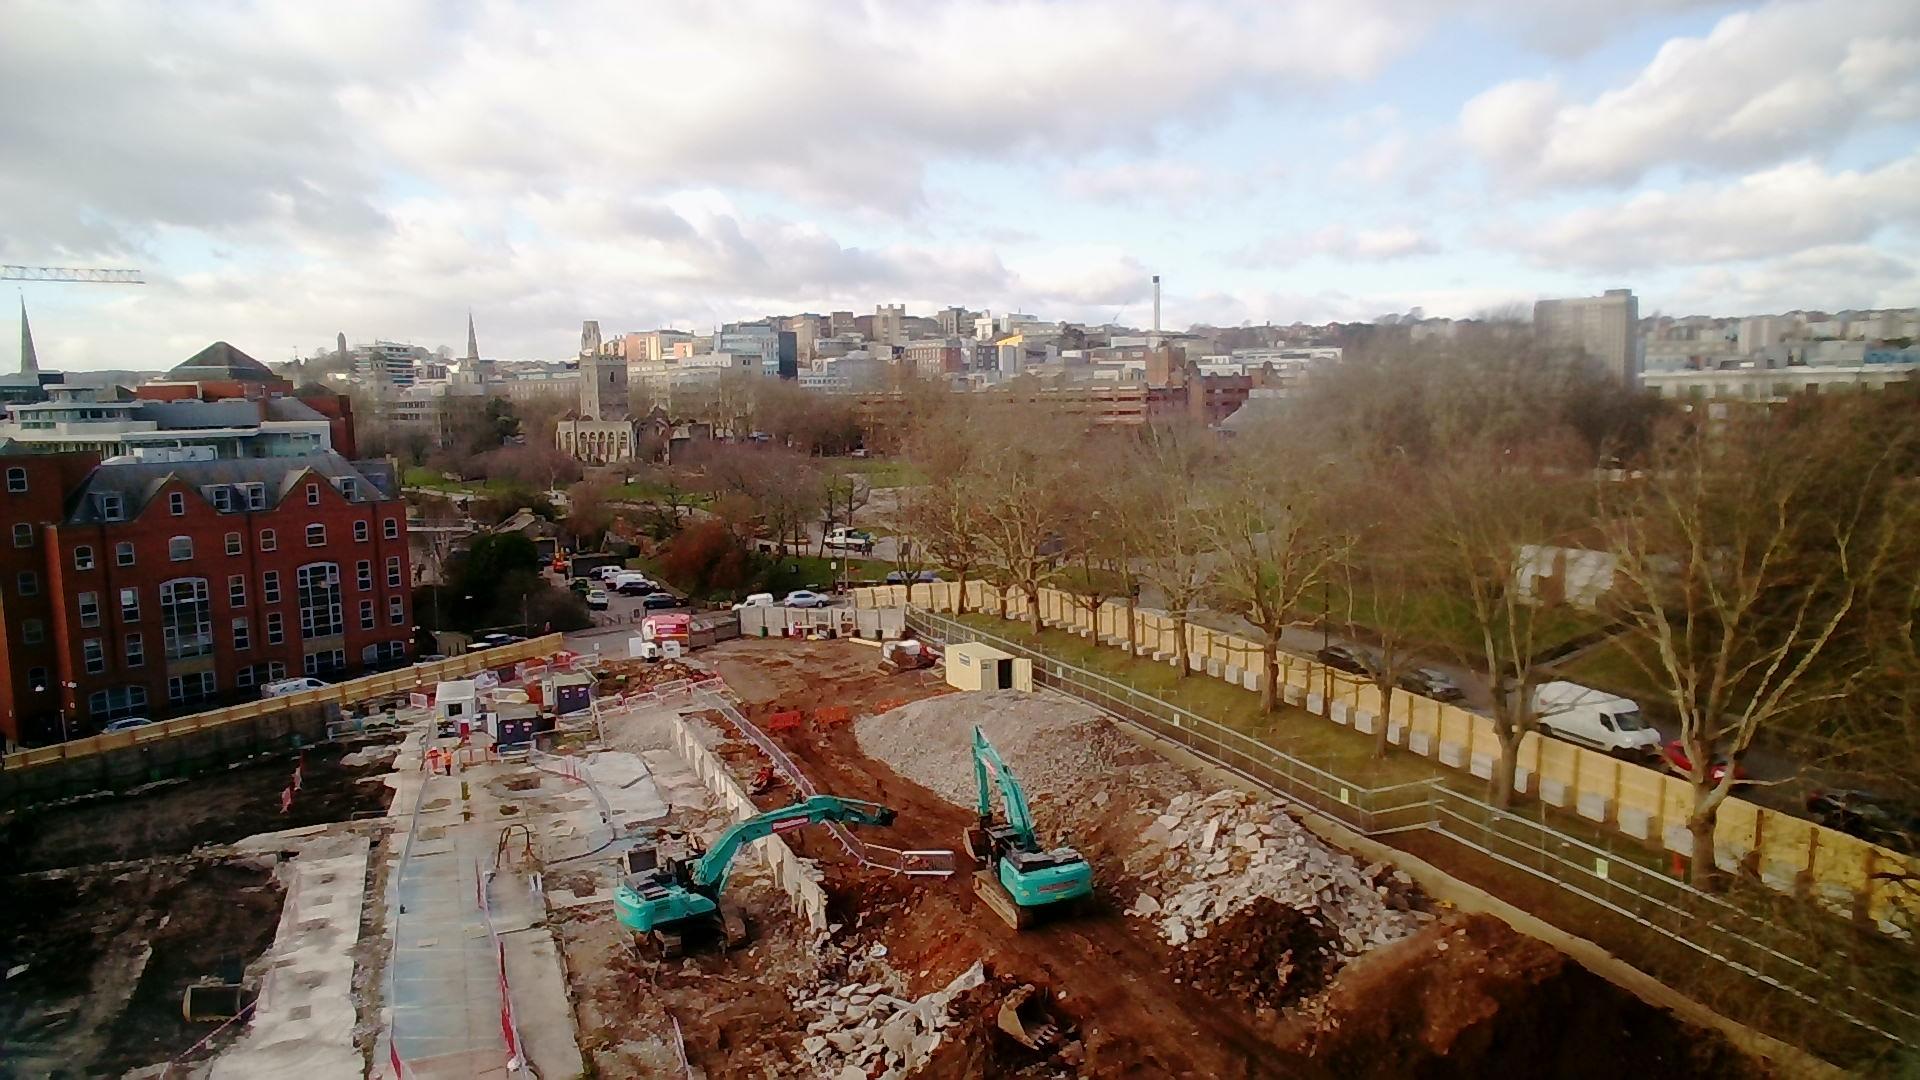 Castle Park View construction site - wide angle view